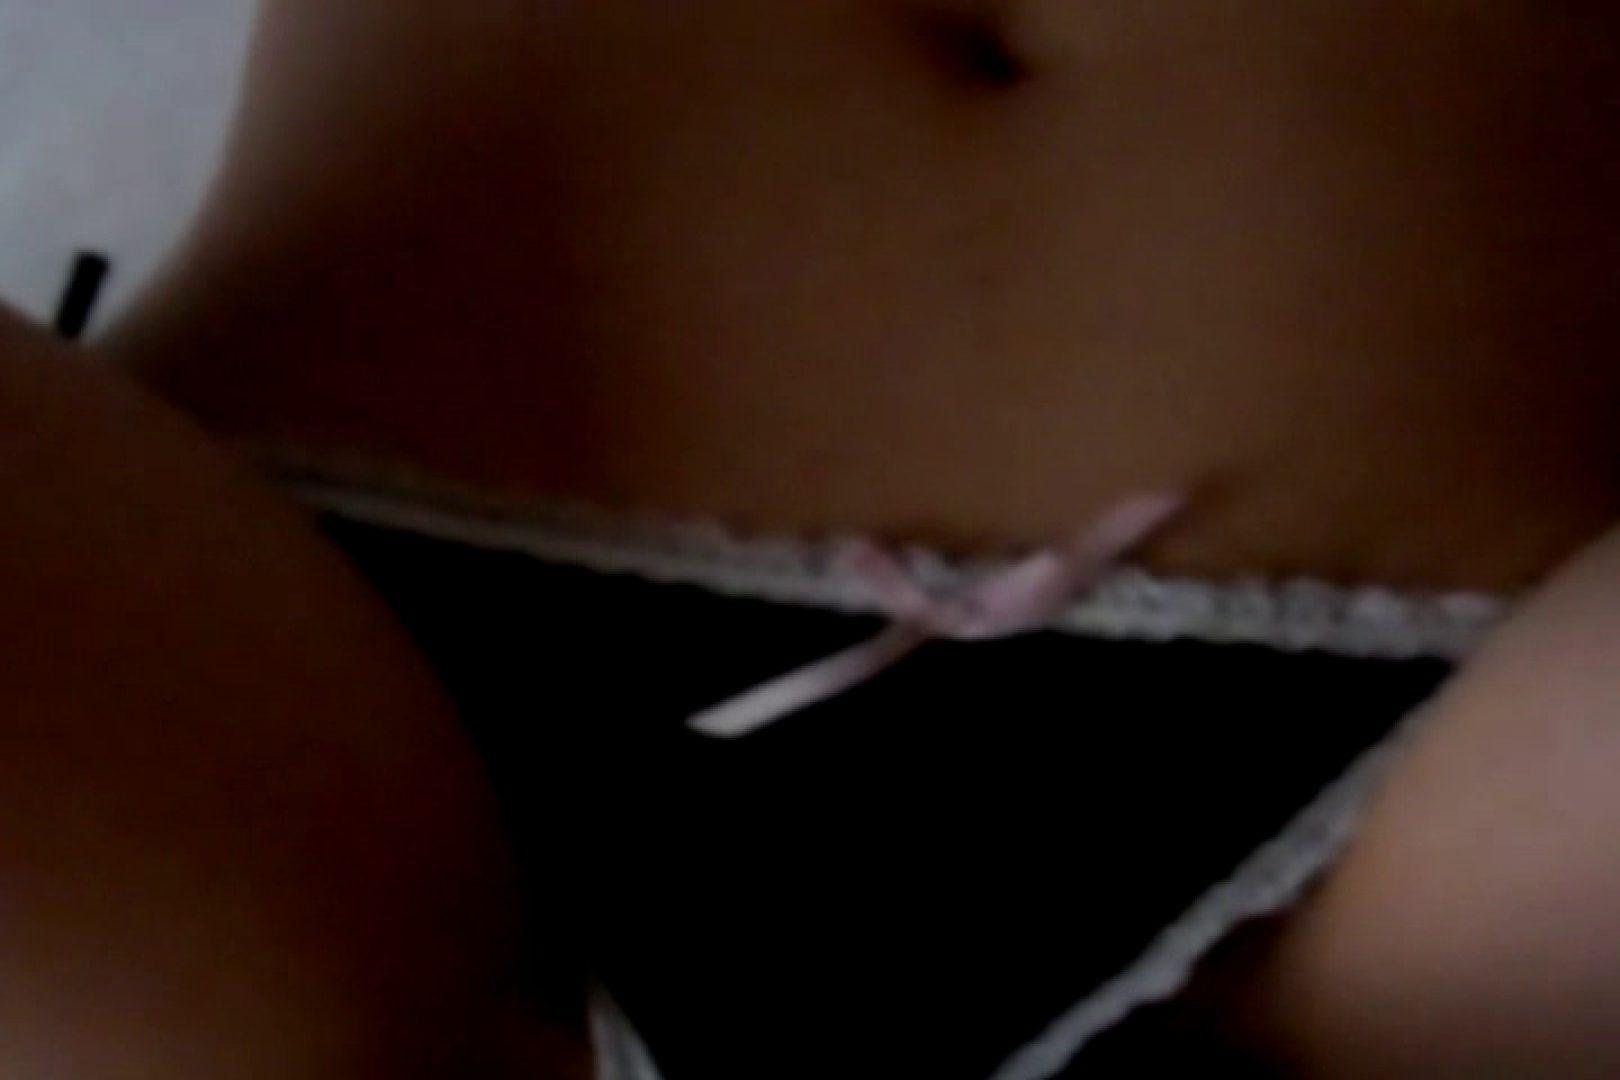 ウイルス流出 レオ&マンコのアルバム マンコ  18連発 15